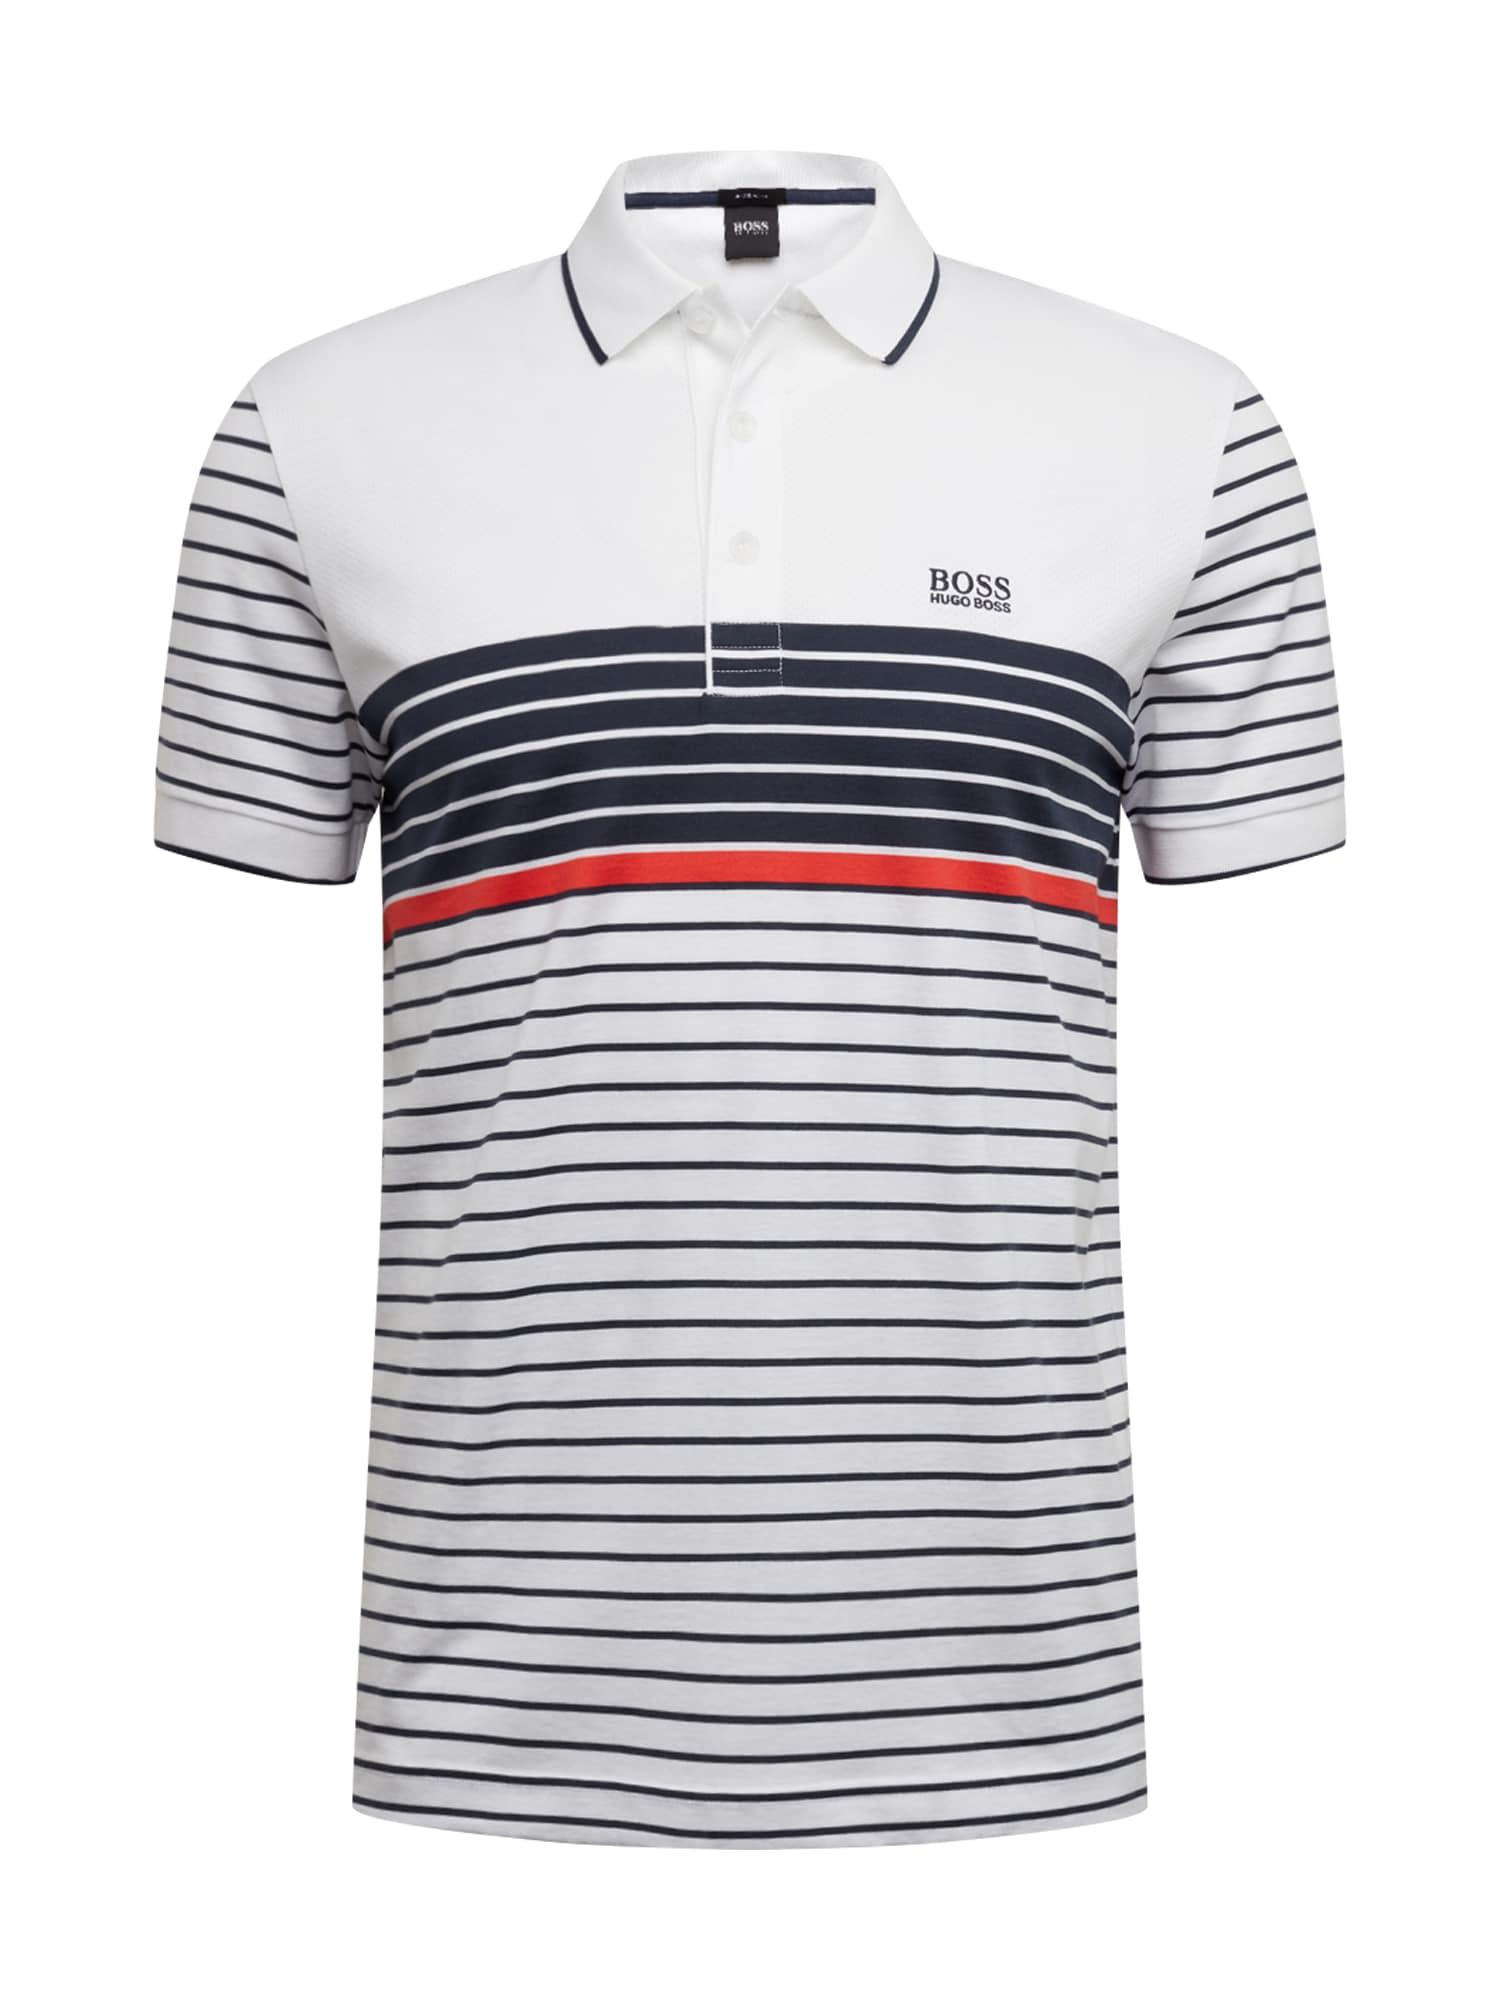 BOSS ATHLEISURE Marškinėliai 'Paddy 7' balta